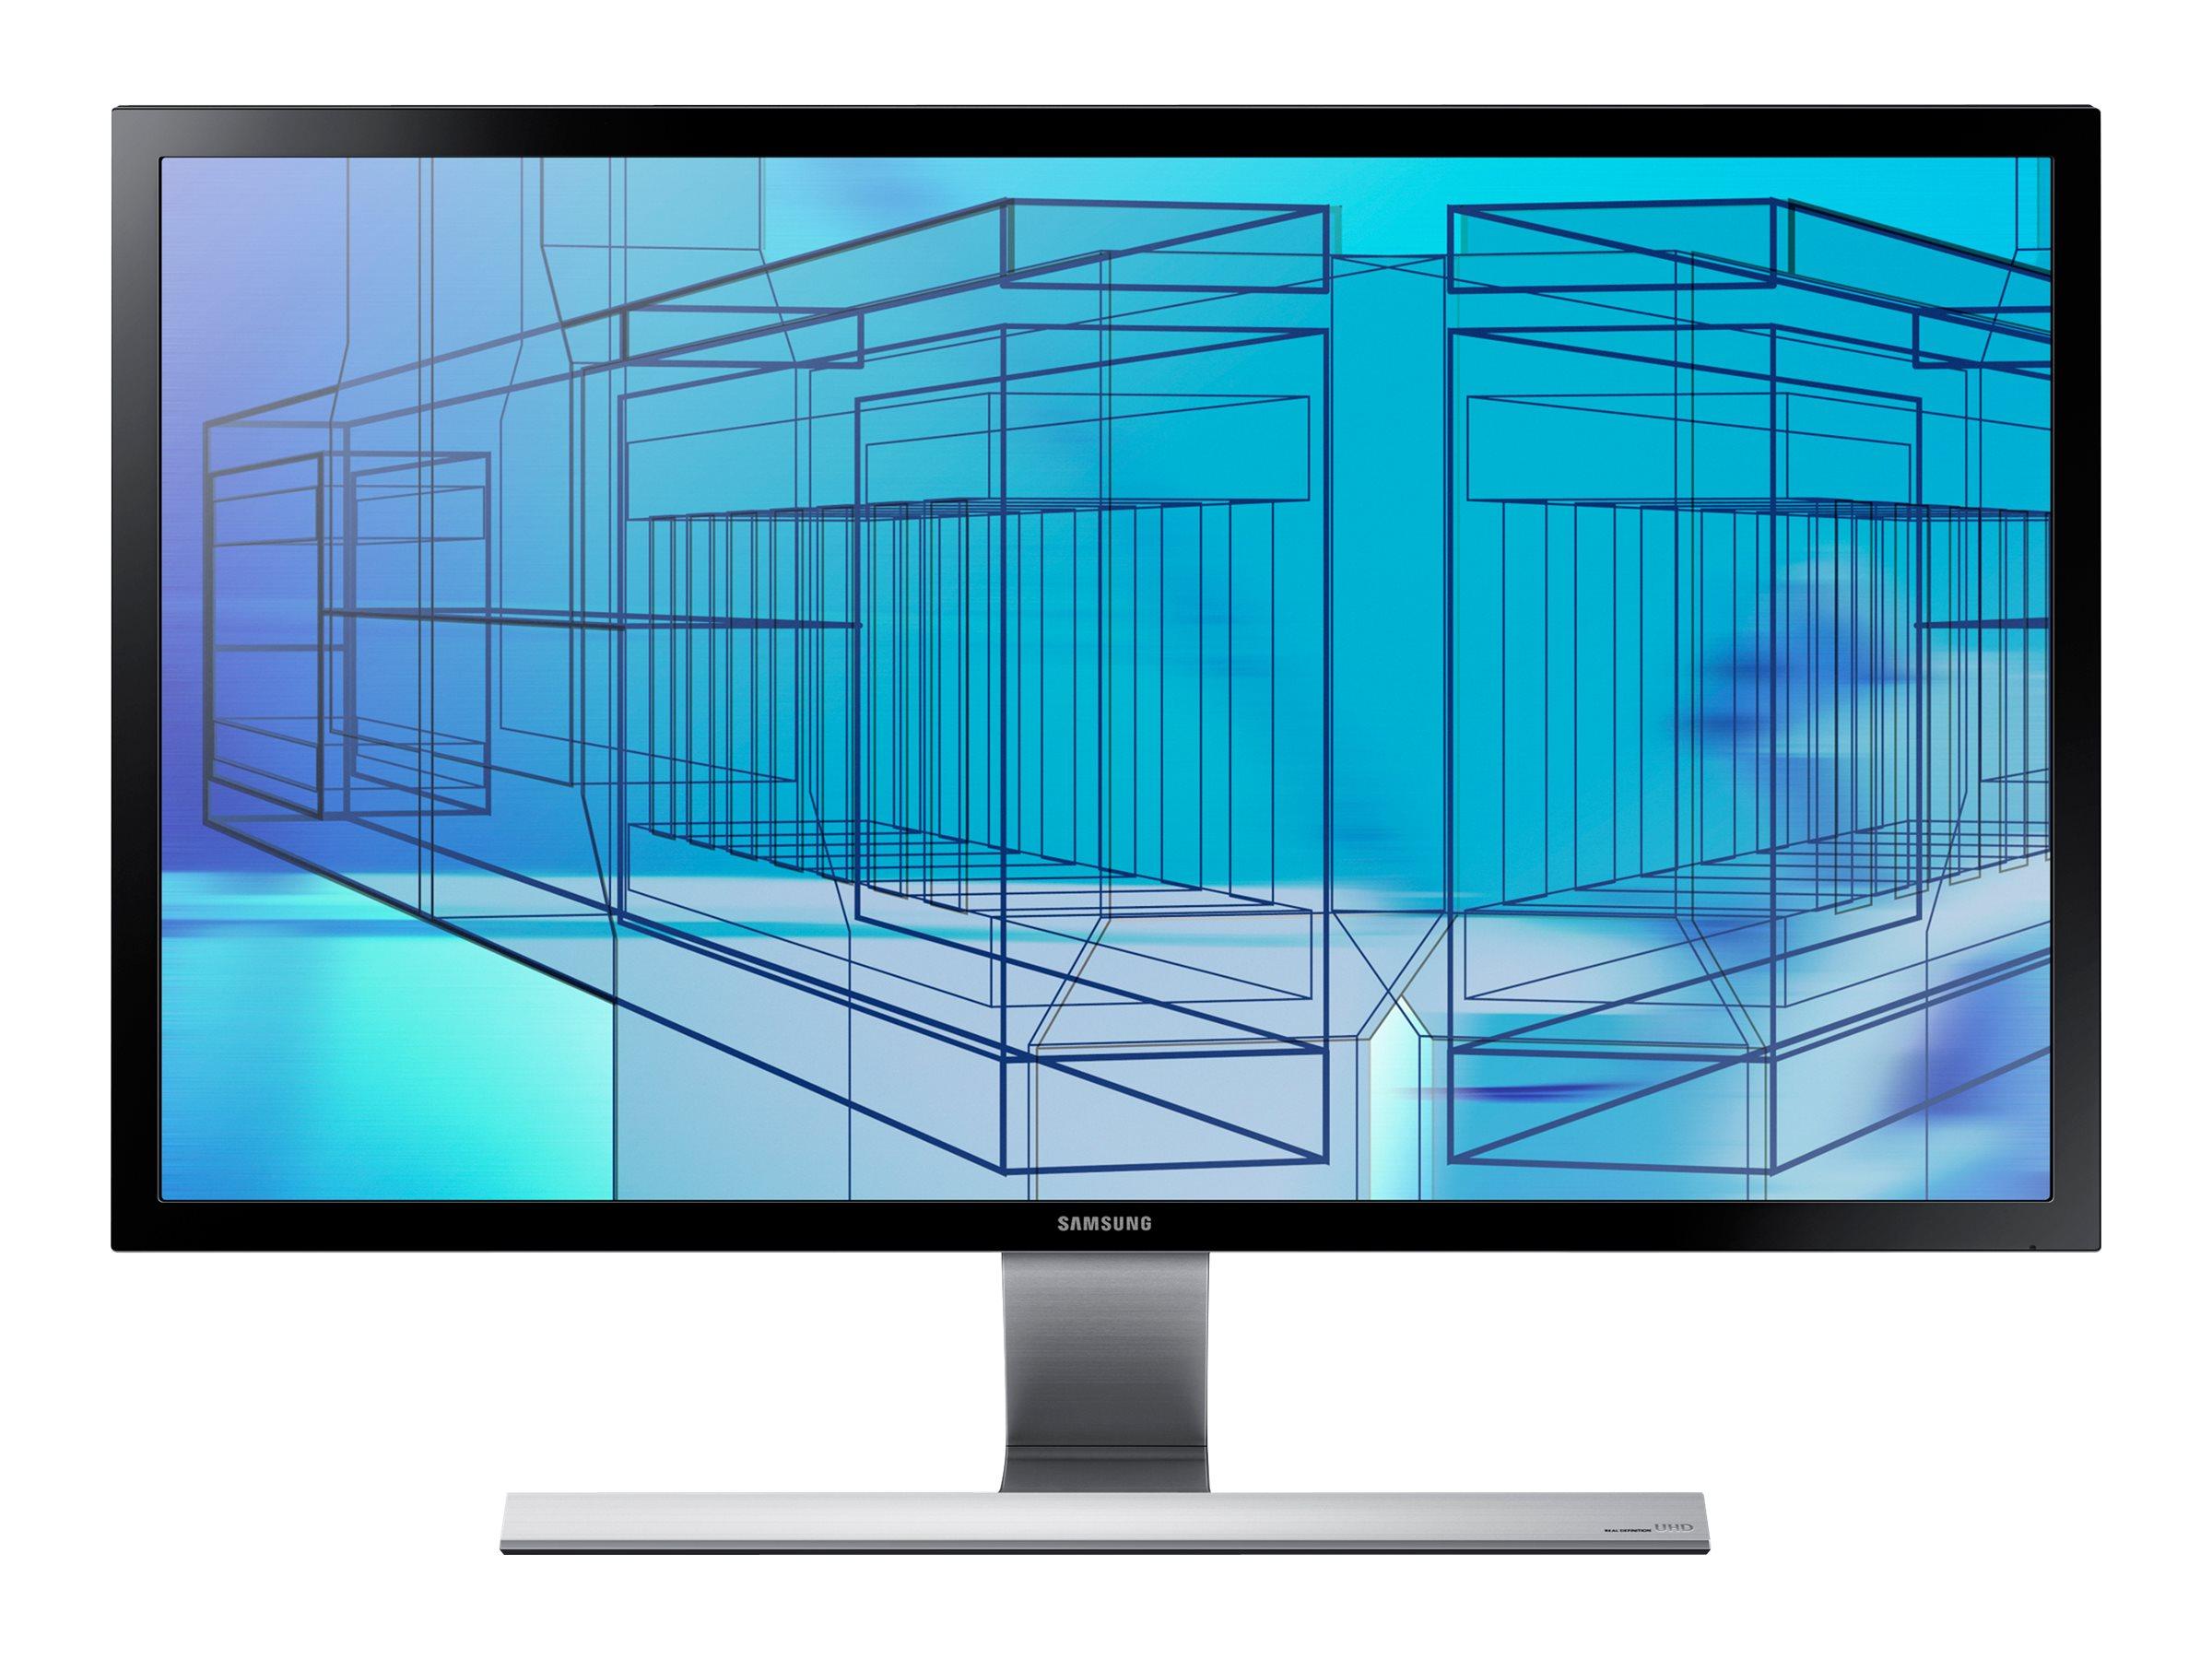 Samsung U28E590D - UD590 Series - LED-Monitor - 71.12 cm (28